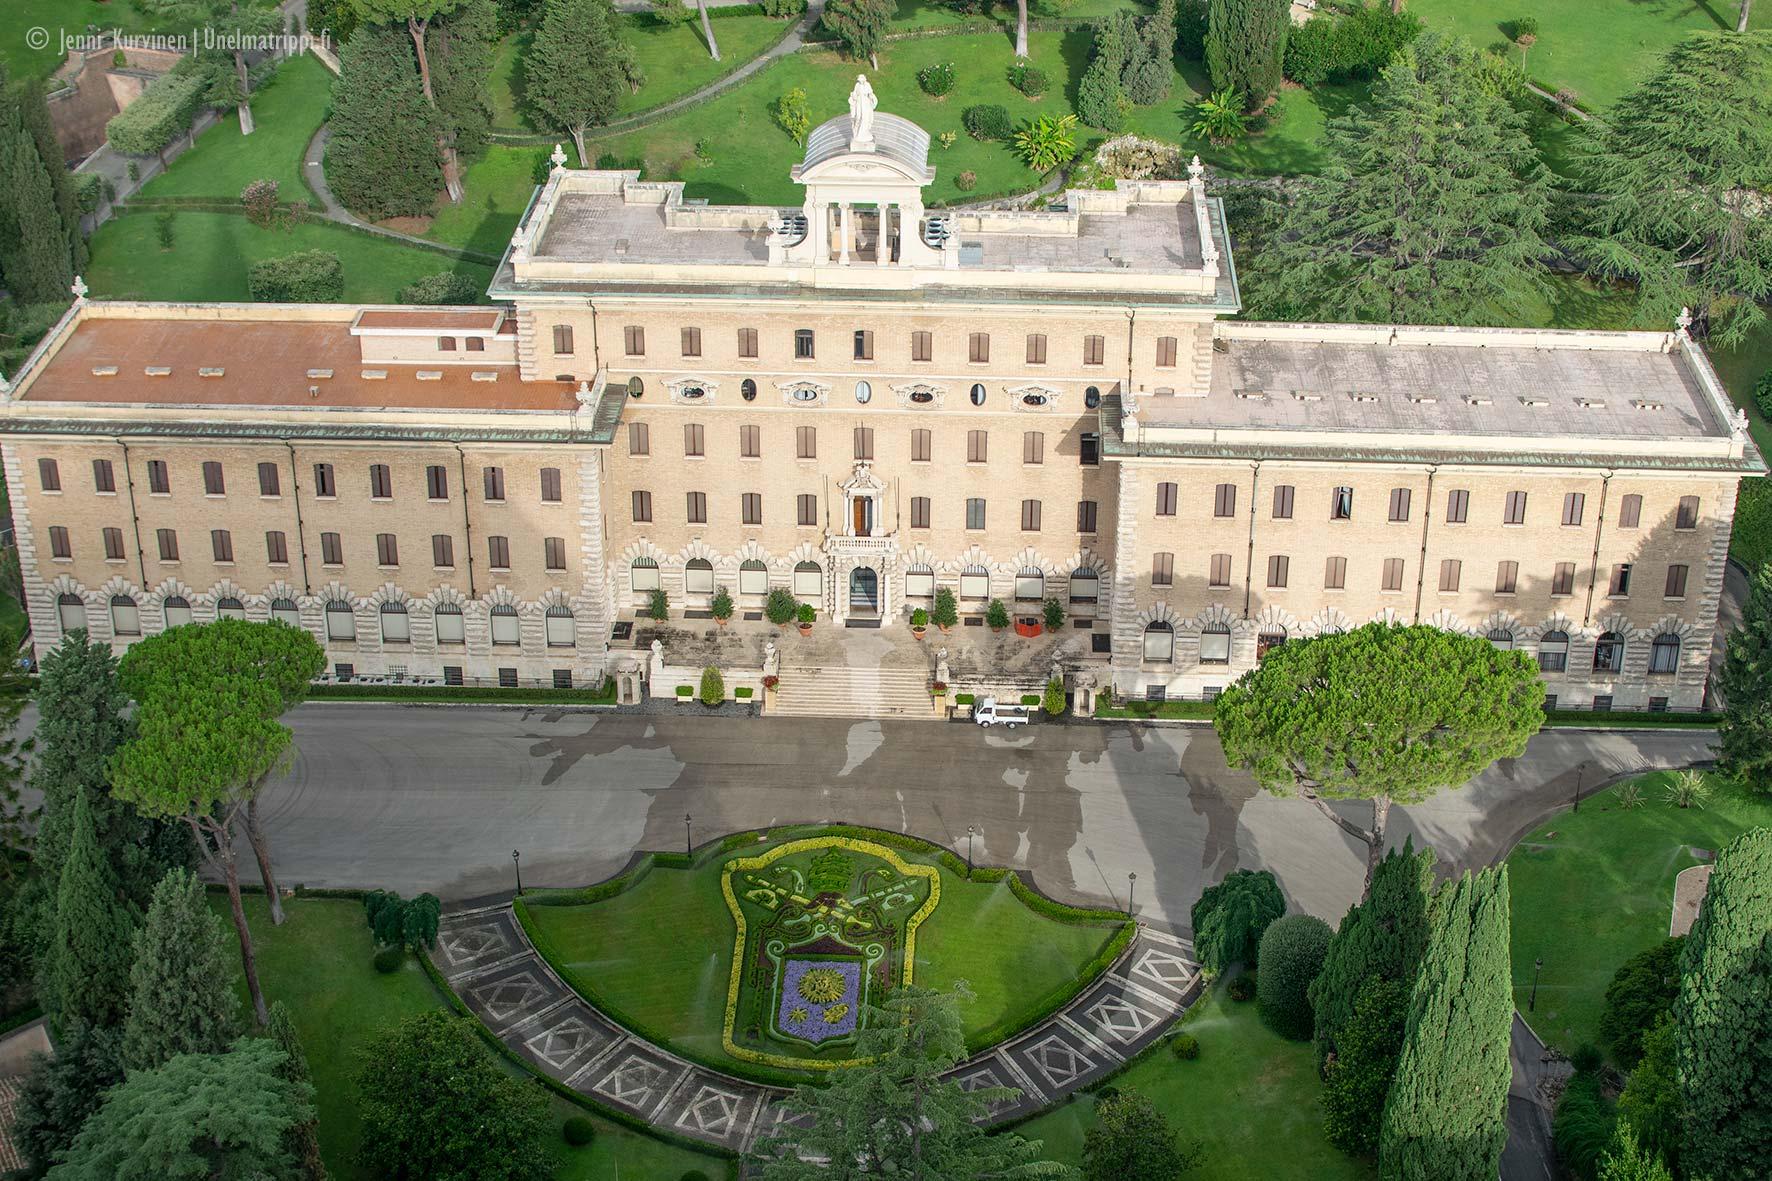 20180826-Unelmatrippi-Vatikaani-DSC0150